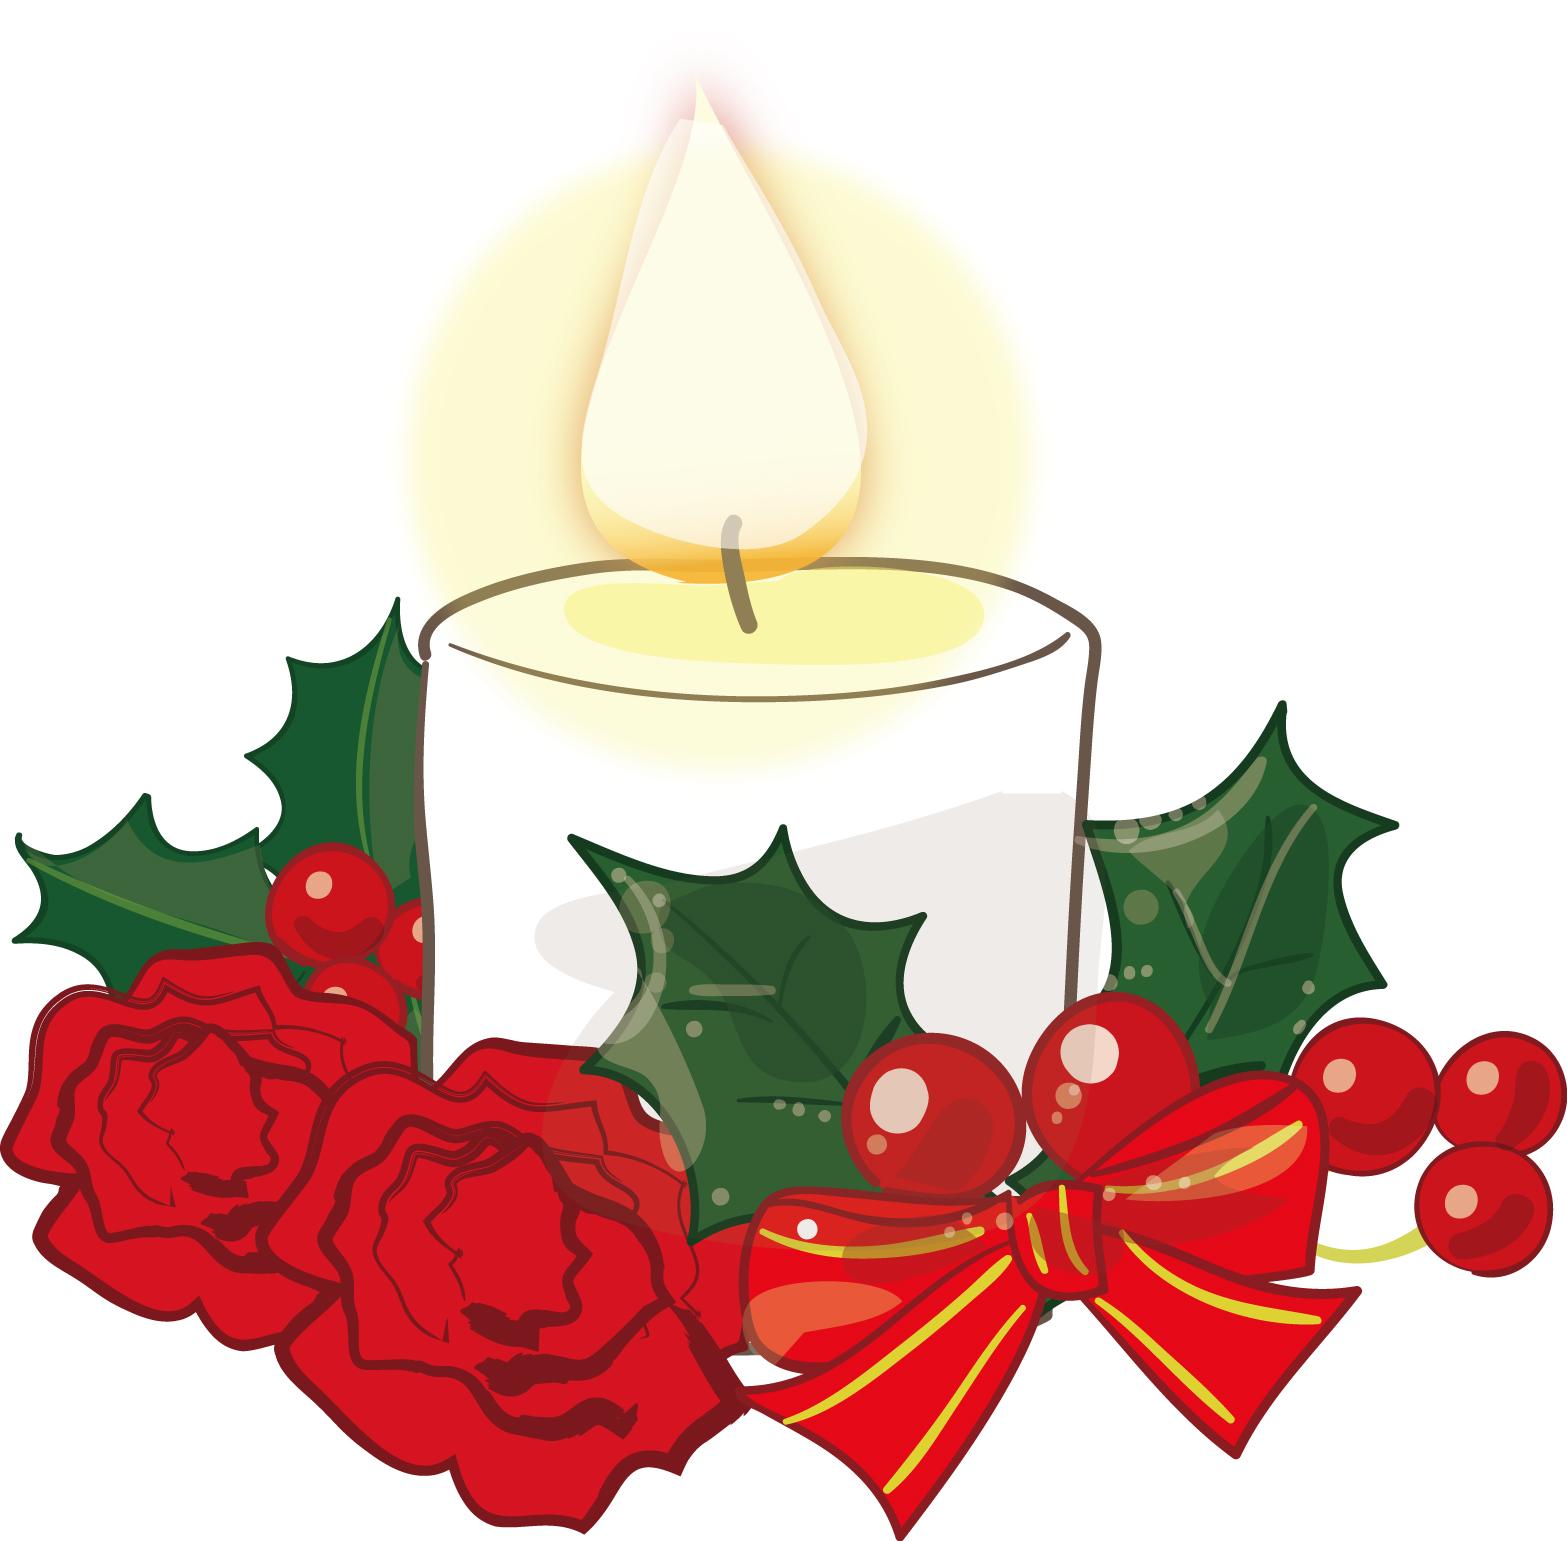 クリスマスキャンドル-ダウンロード|かわいい無料イラスト 印刷素材